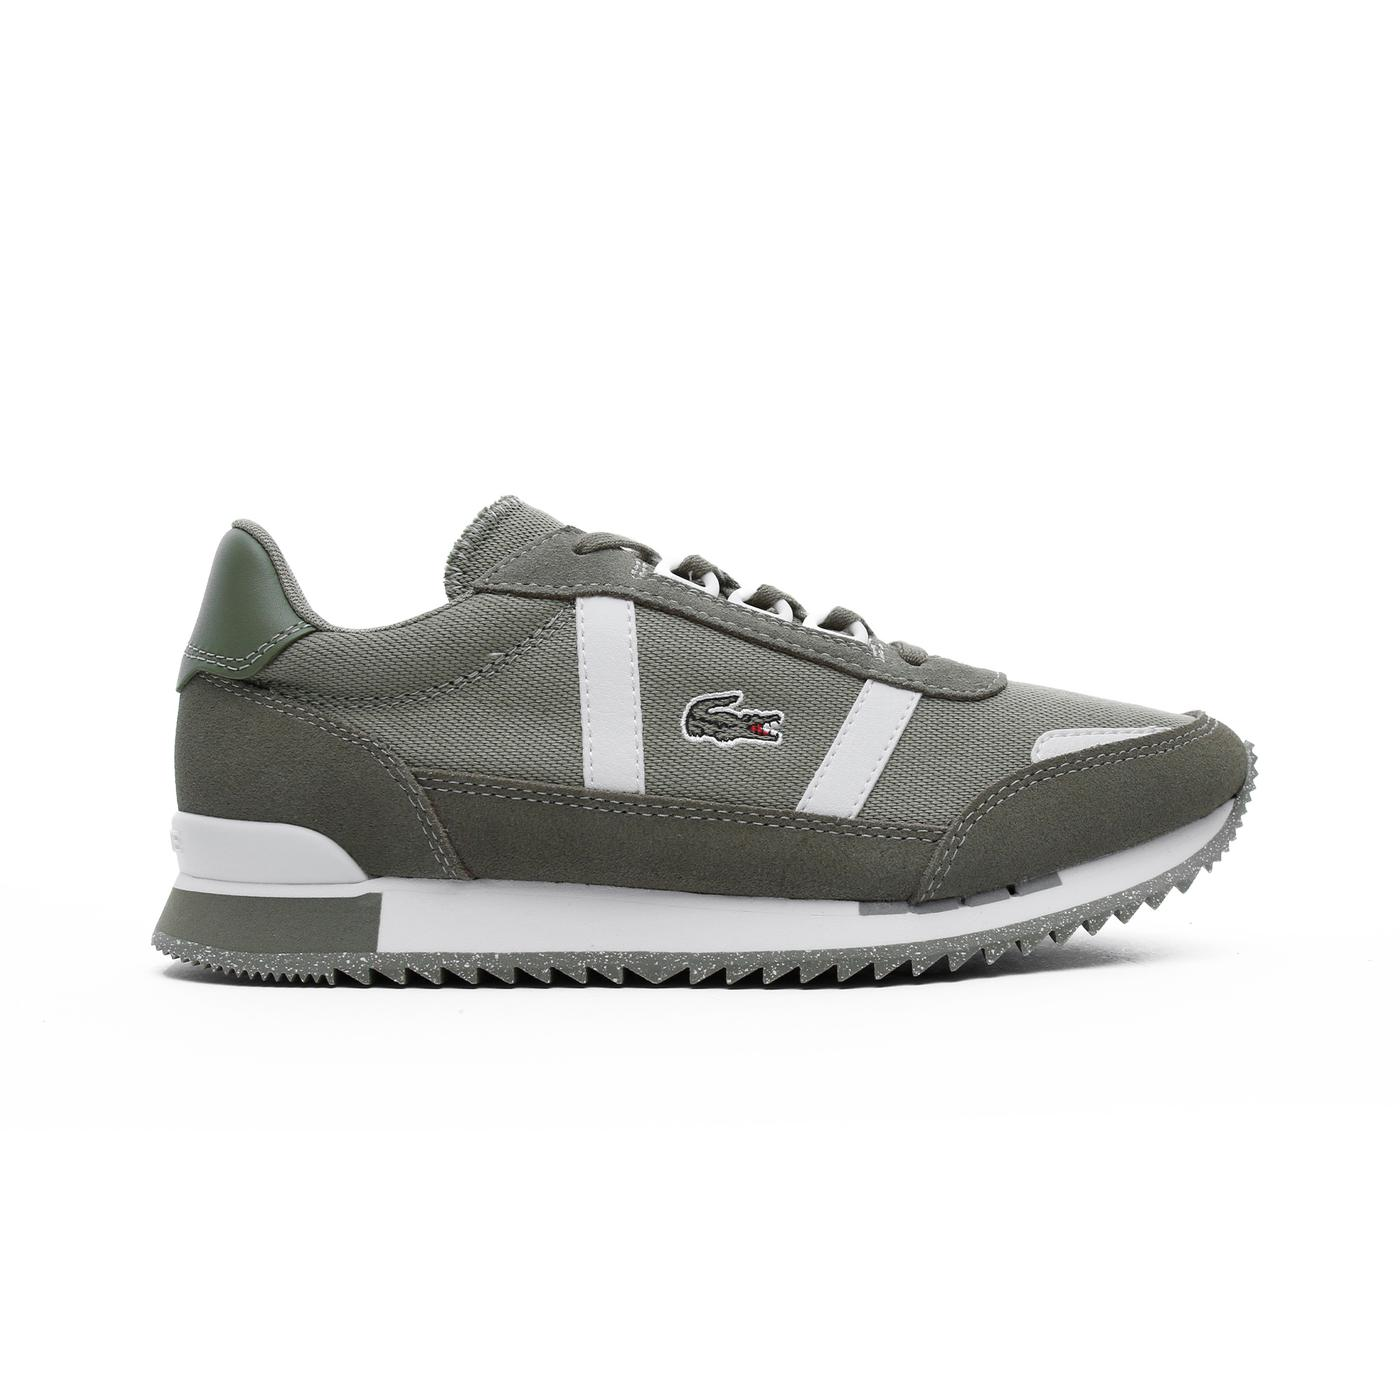 Lacoste Partner Retro Kadın Yeşil Spor Ayakkabı